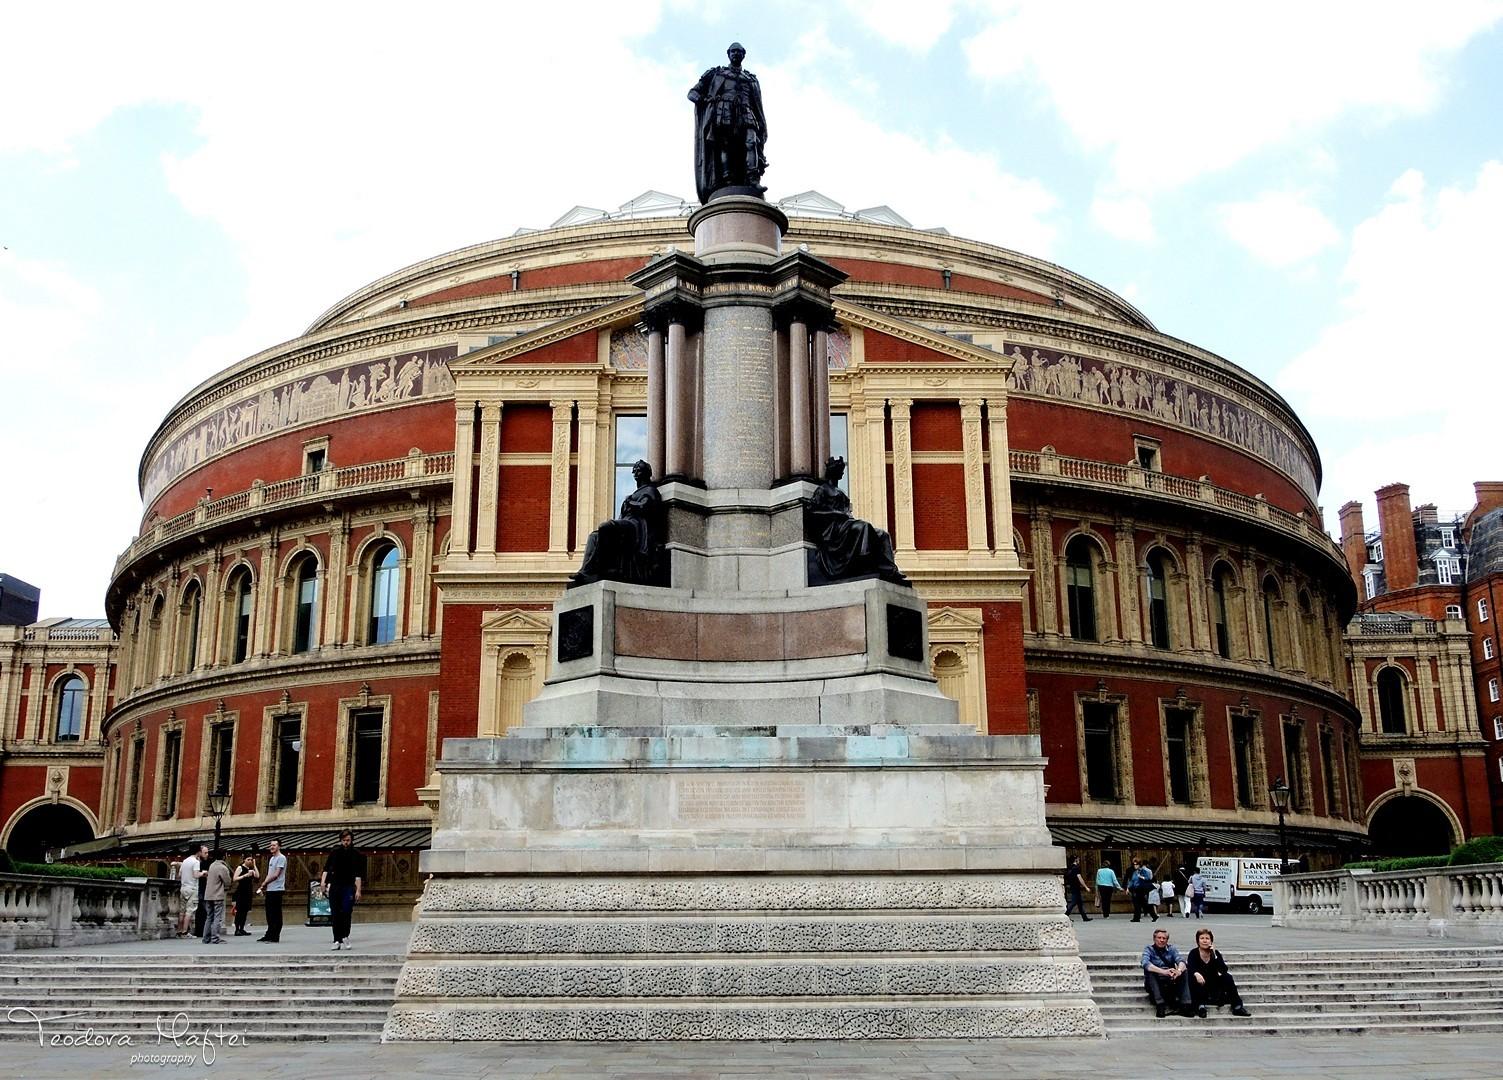 50 de ani de rock britanic. O lectie de istorie a muzicii si o expozitie FOTO impresionanta la Londra